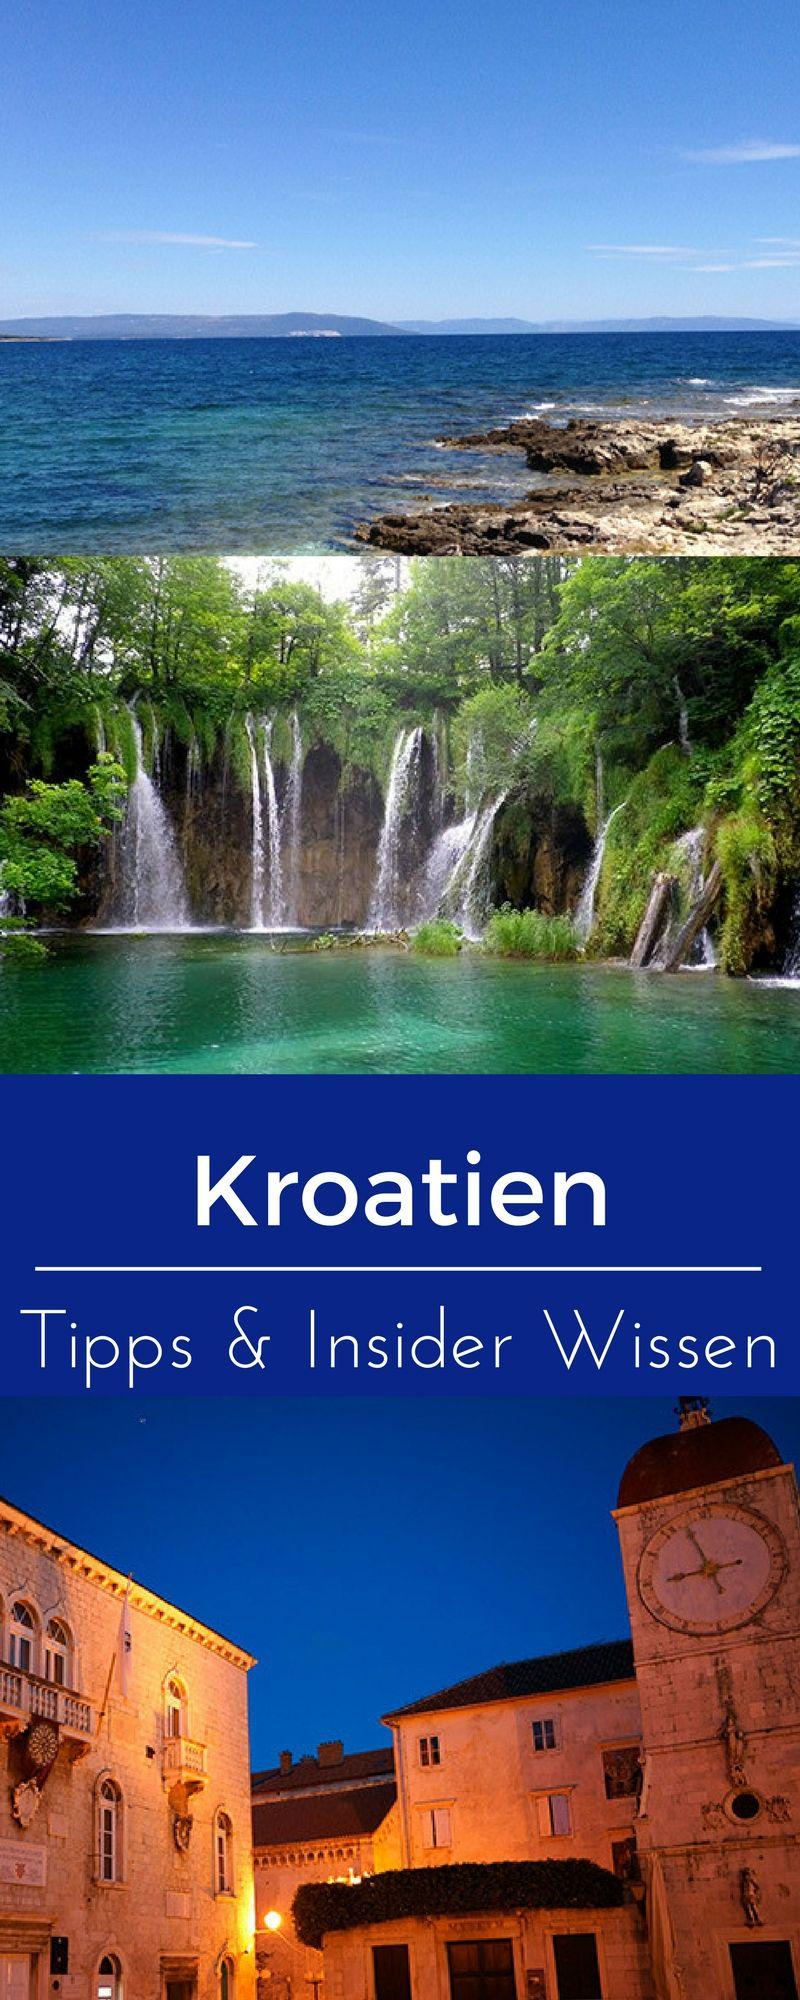 Tipps & Insider Wissen Reisen, Kroatien reisen, Ausflug